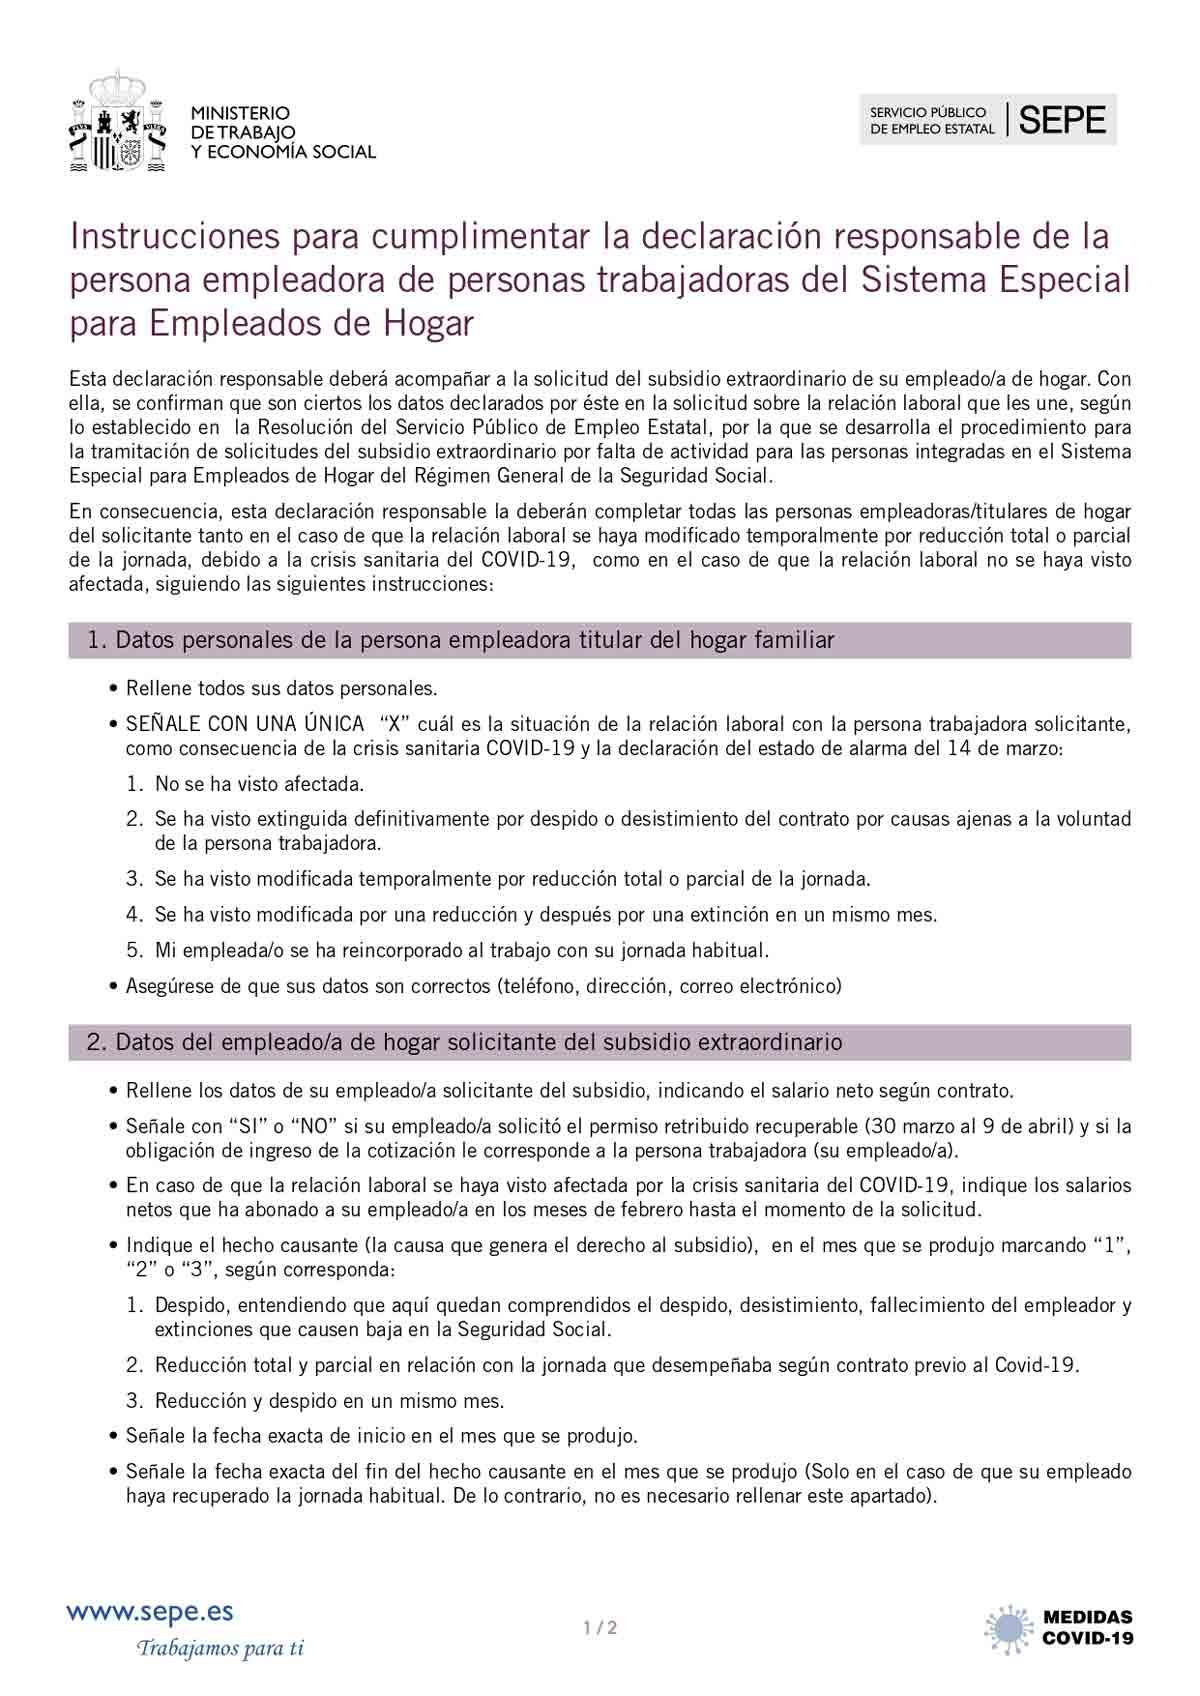 Instrucciones para el empleador página 1